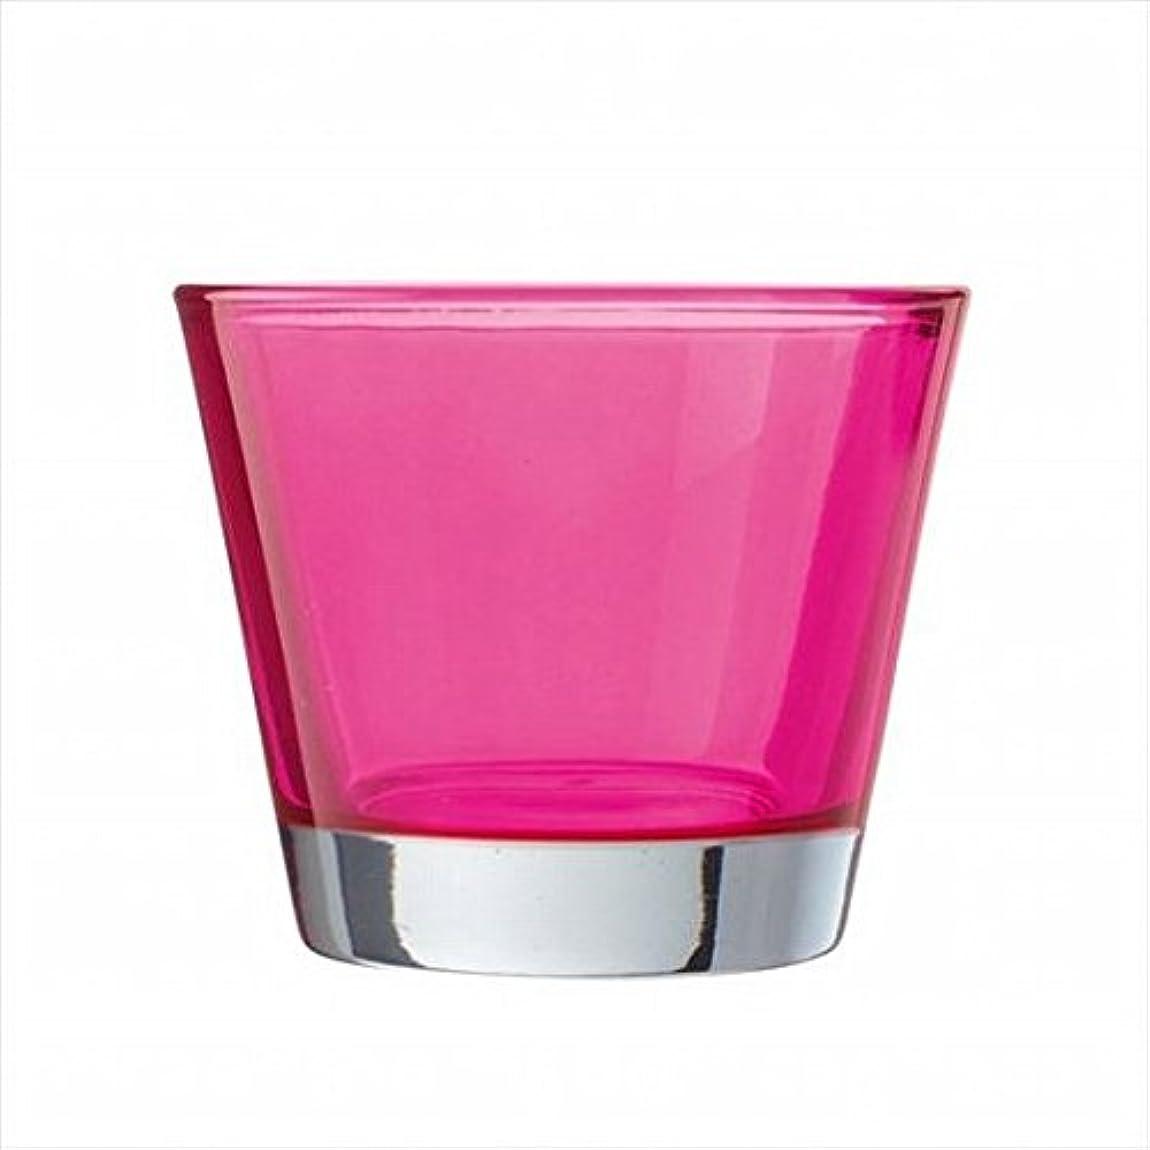 リールのために母kameyama candle(カメヤマキャンドル) カラリス 「 ピンク 」 キャンドル 82x82x70mm (J2540000PK)